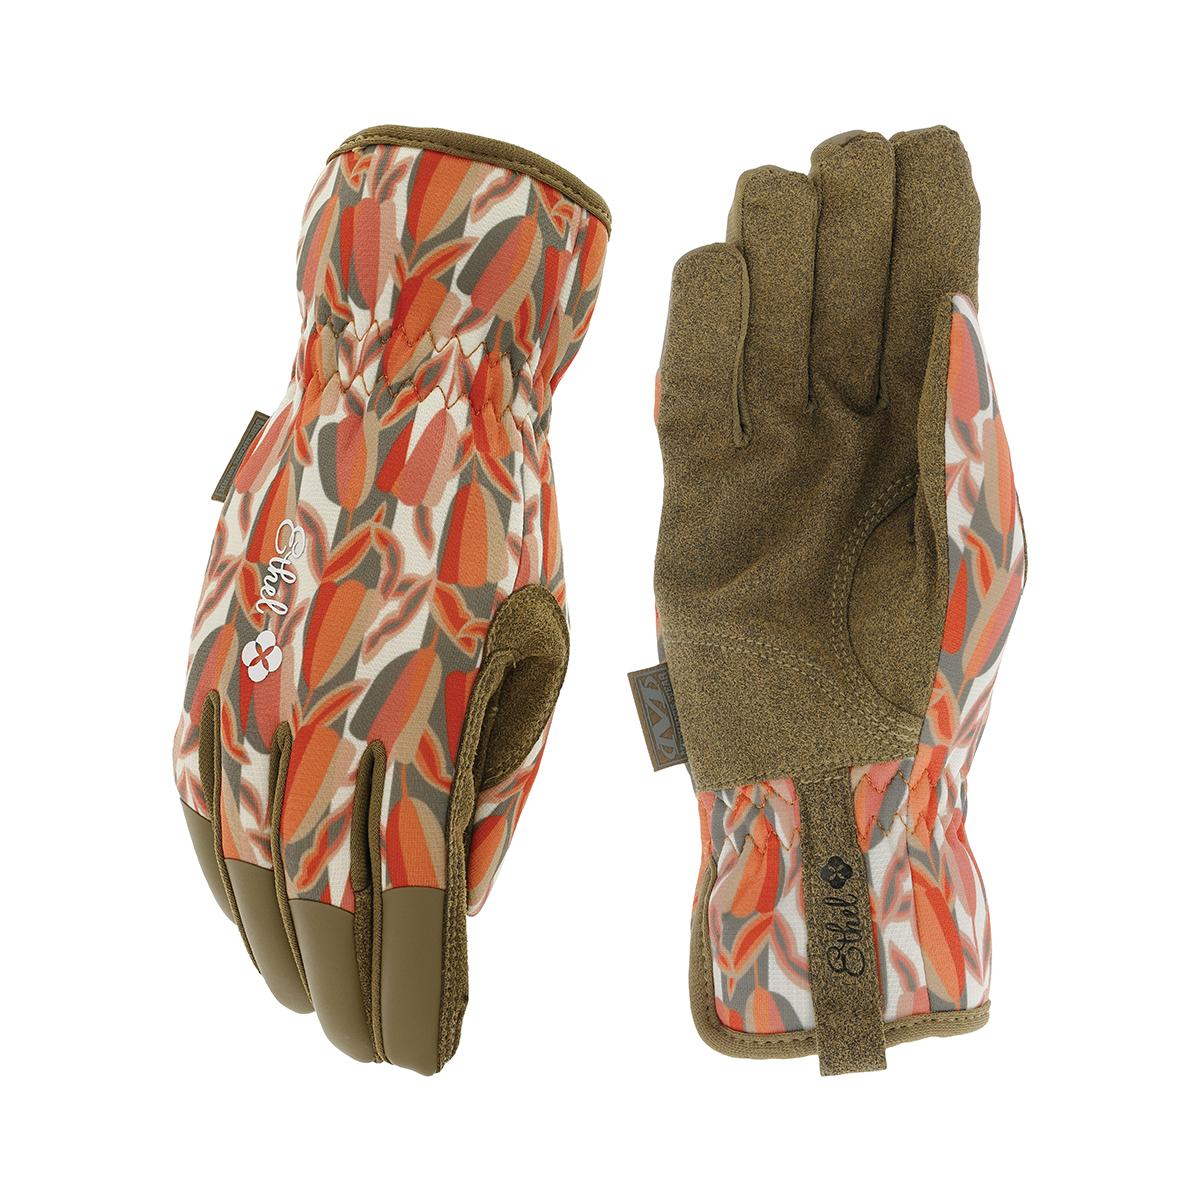 Tulip gardening gloves